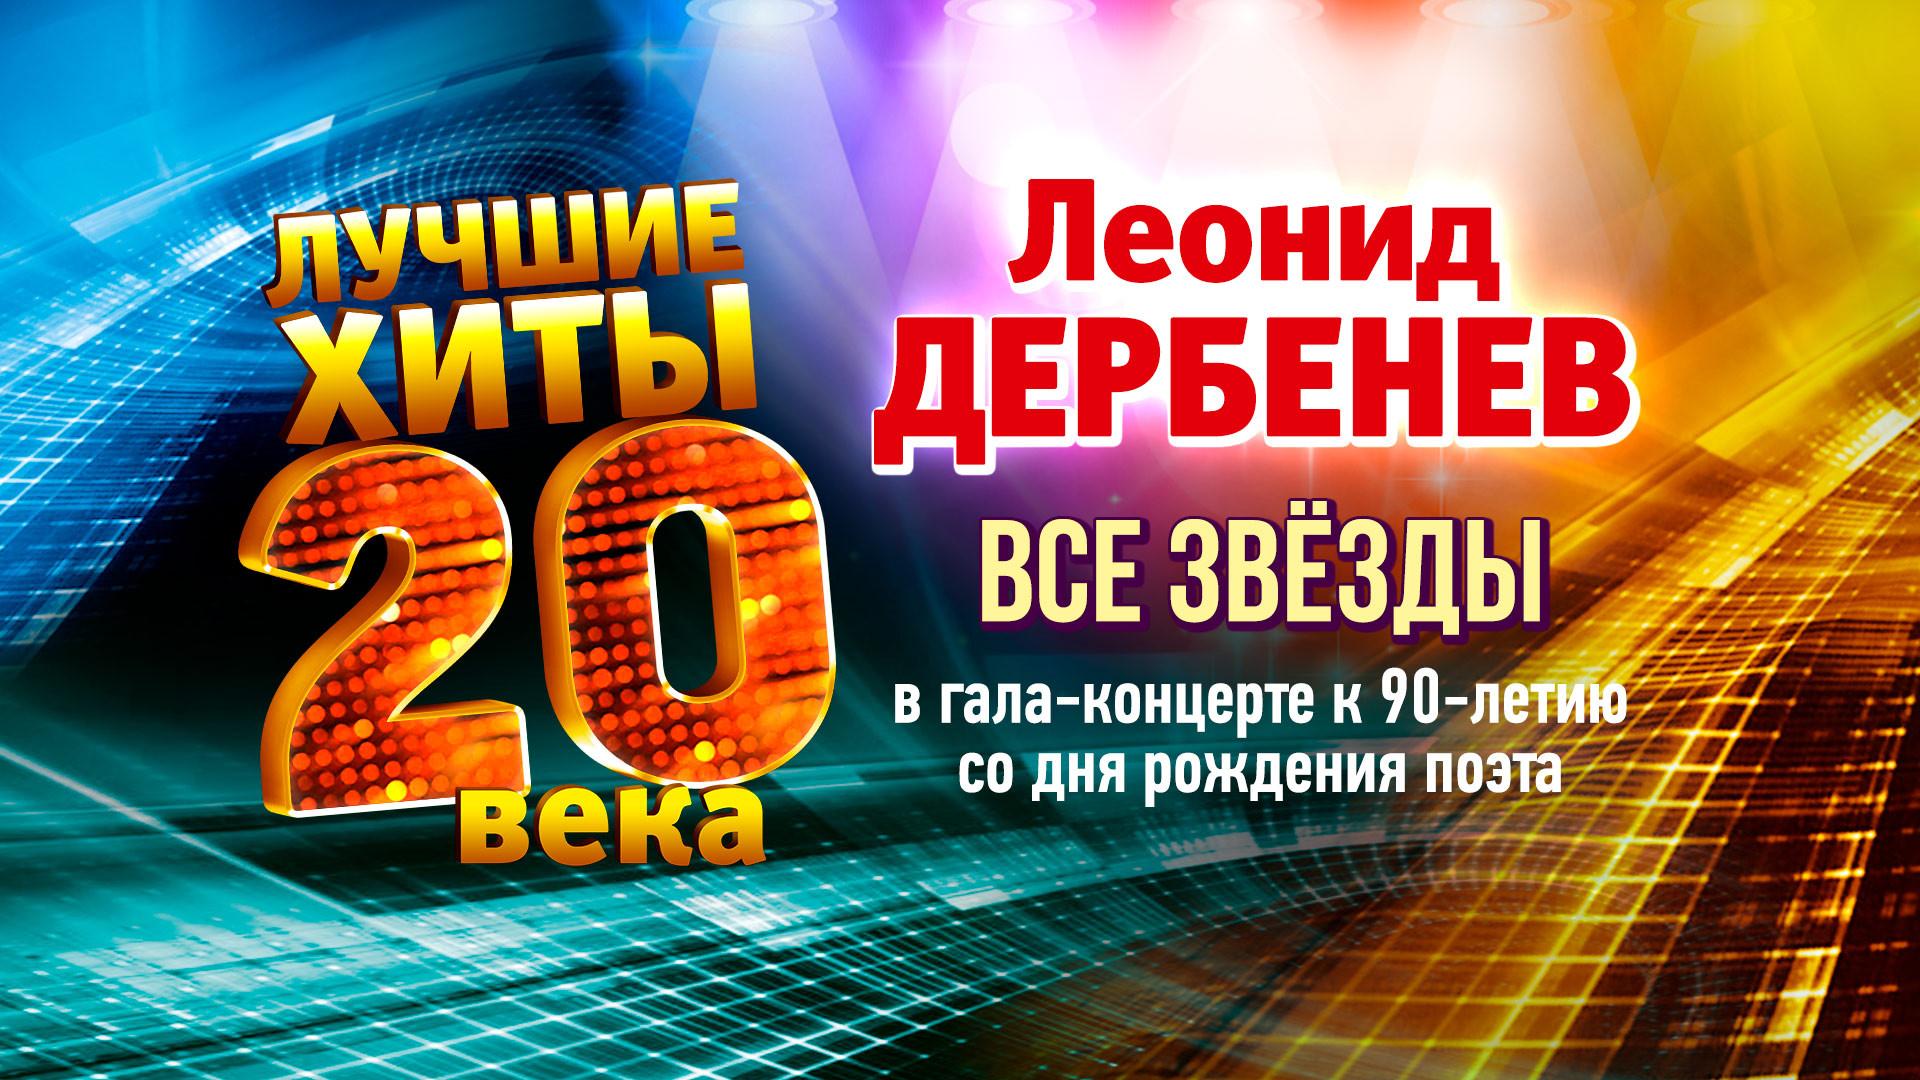 Гала-концерт «Между прошлым и будущим» к 90-летию со дня рождения поэта Леонида Дербенева